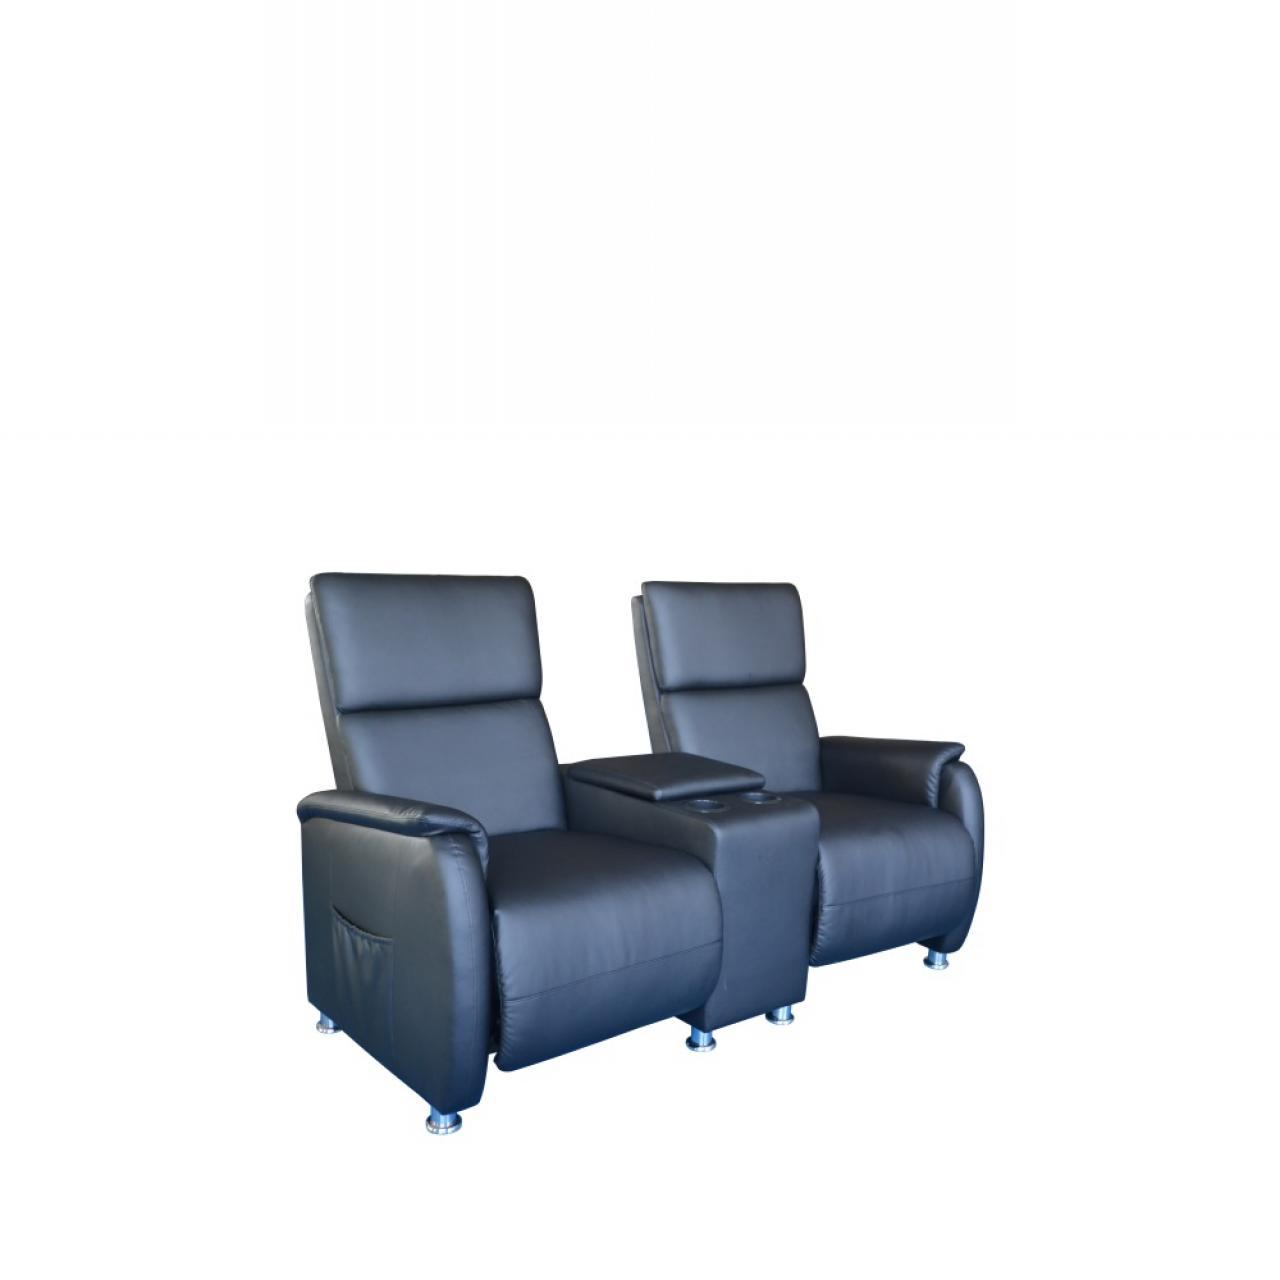 RCH-MX-FL9239